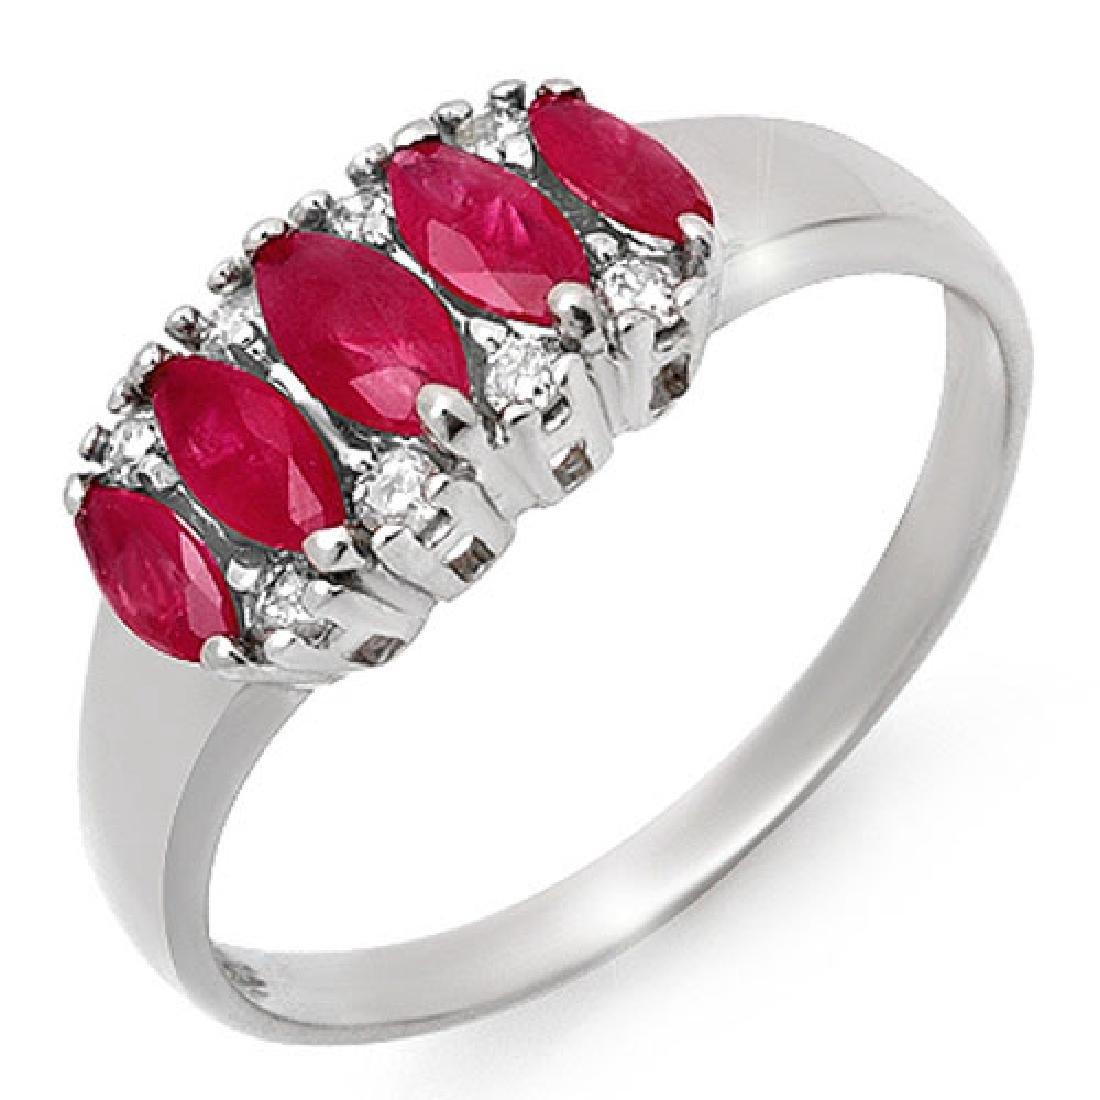 0.77 CTW Ruby & Diamond Ring 18K White Gold - REF-37K3R